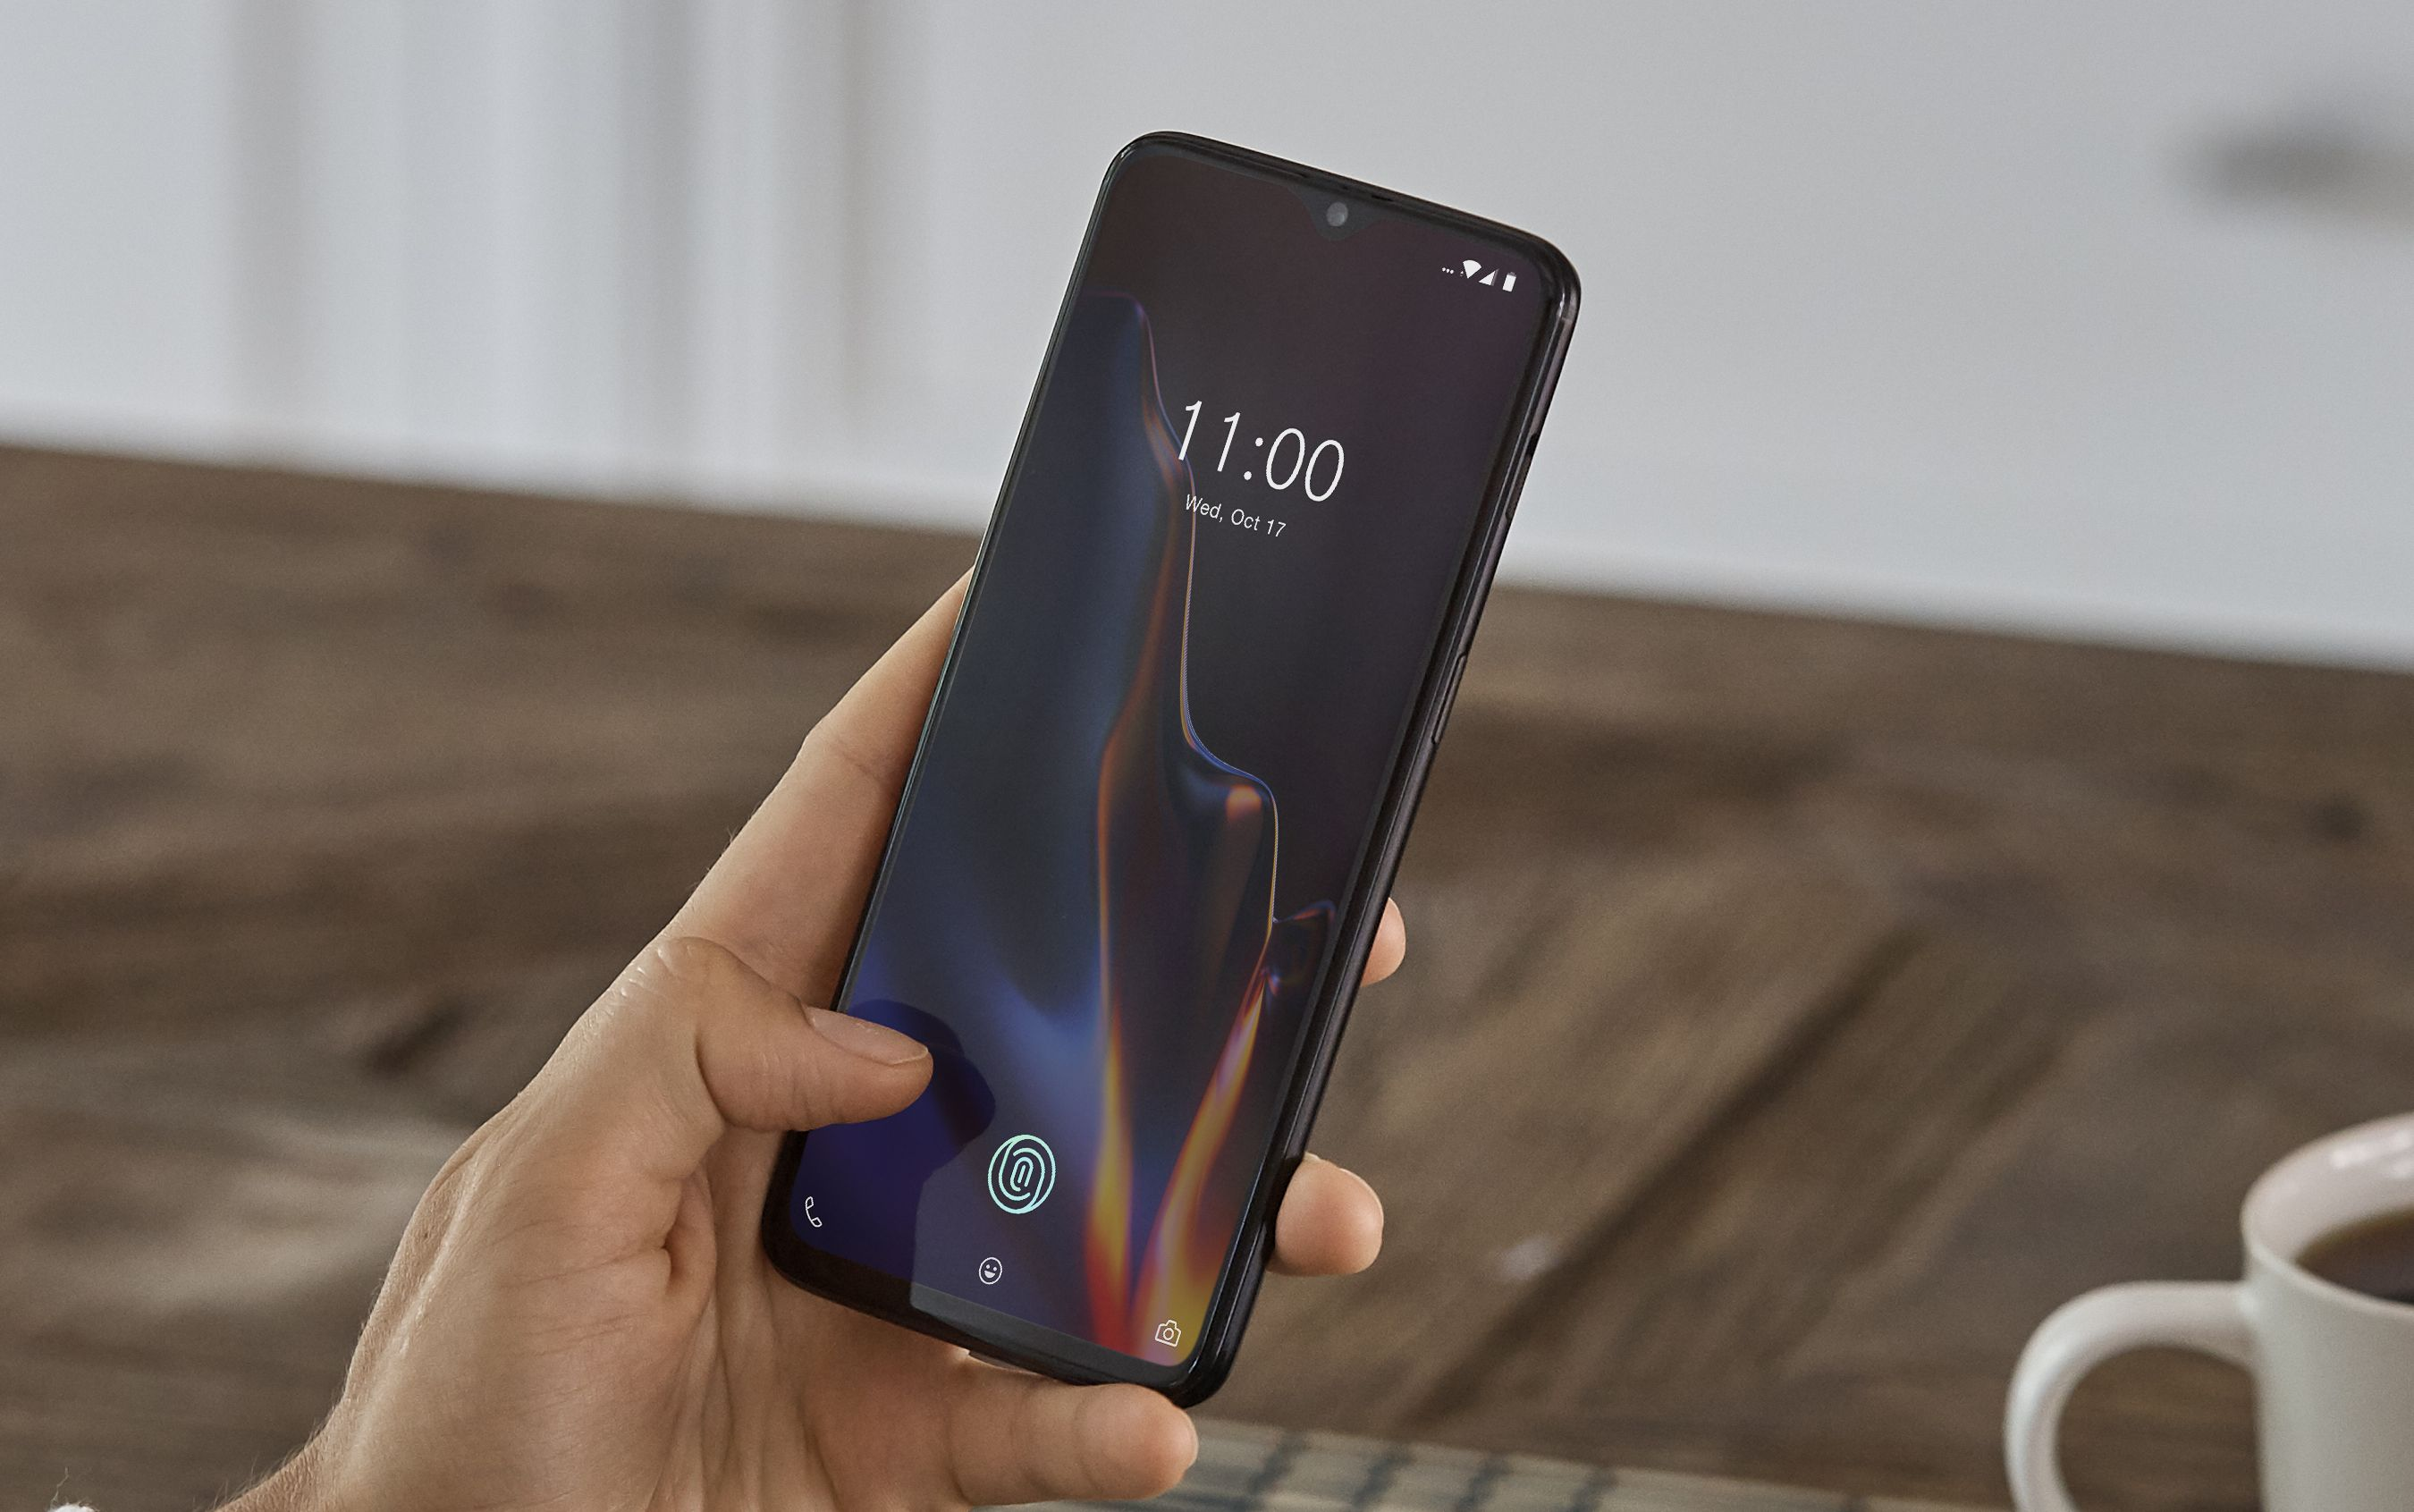 6a72668c342e3 Эксперты назвали 20 лучших смартфонов в мире